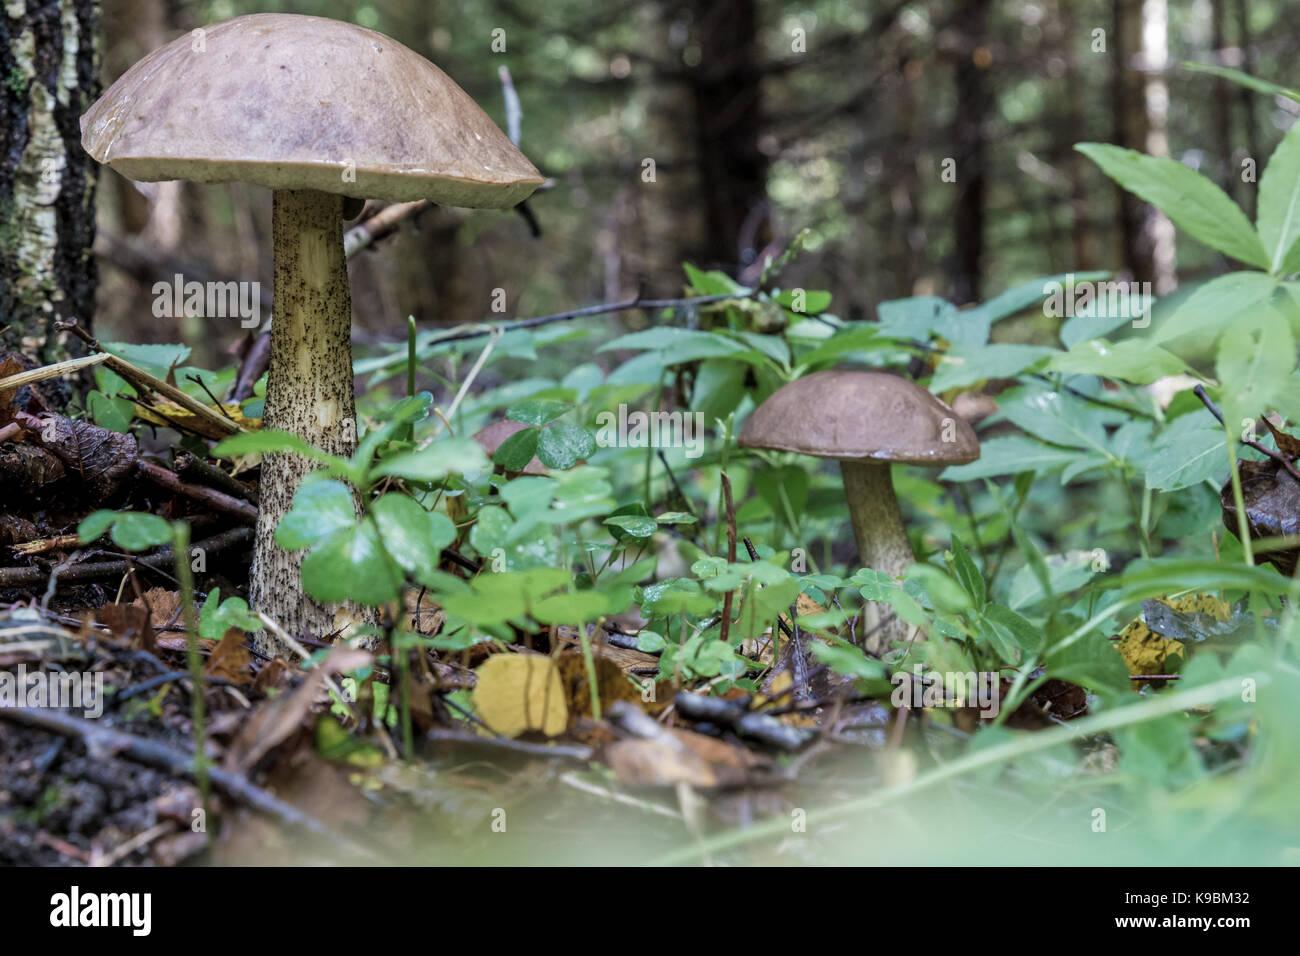 Leccinum scabrum in close-up - Stock Image